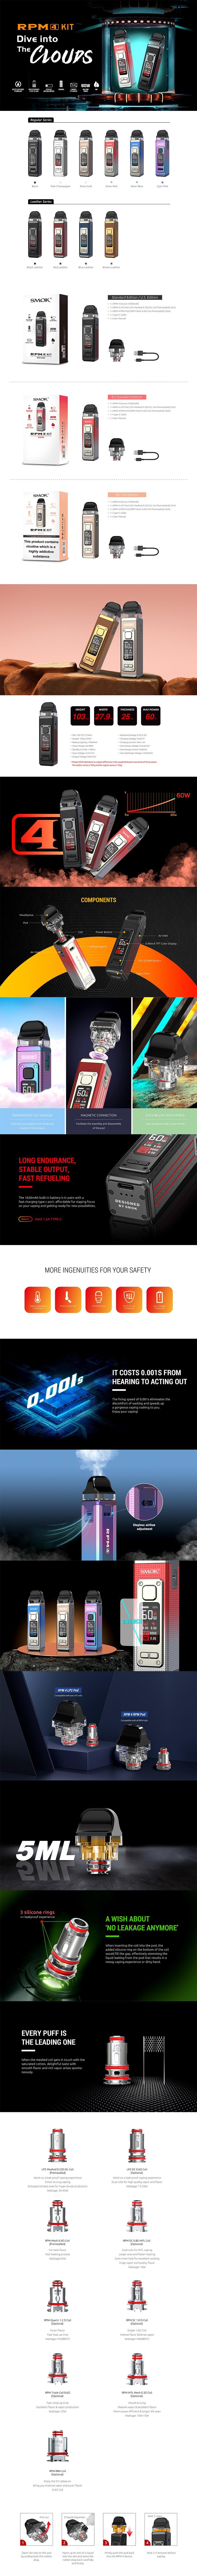 Authentic SMOKTech SMOK RPM 4 60W Pod System Vape Starter Kit